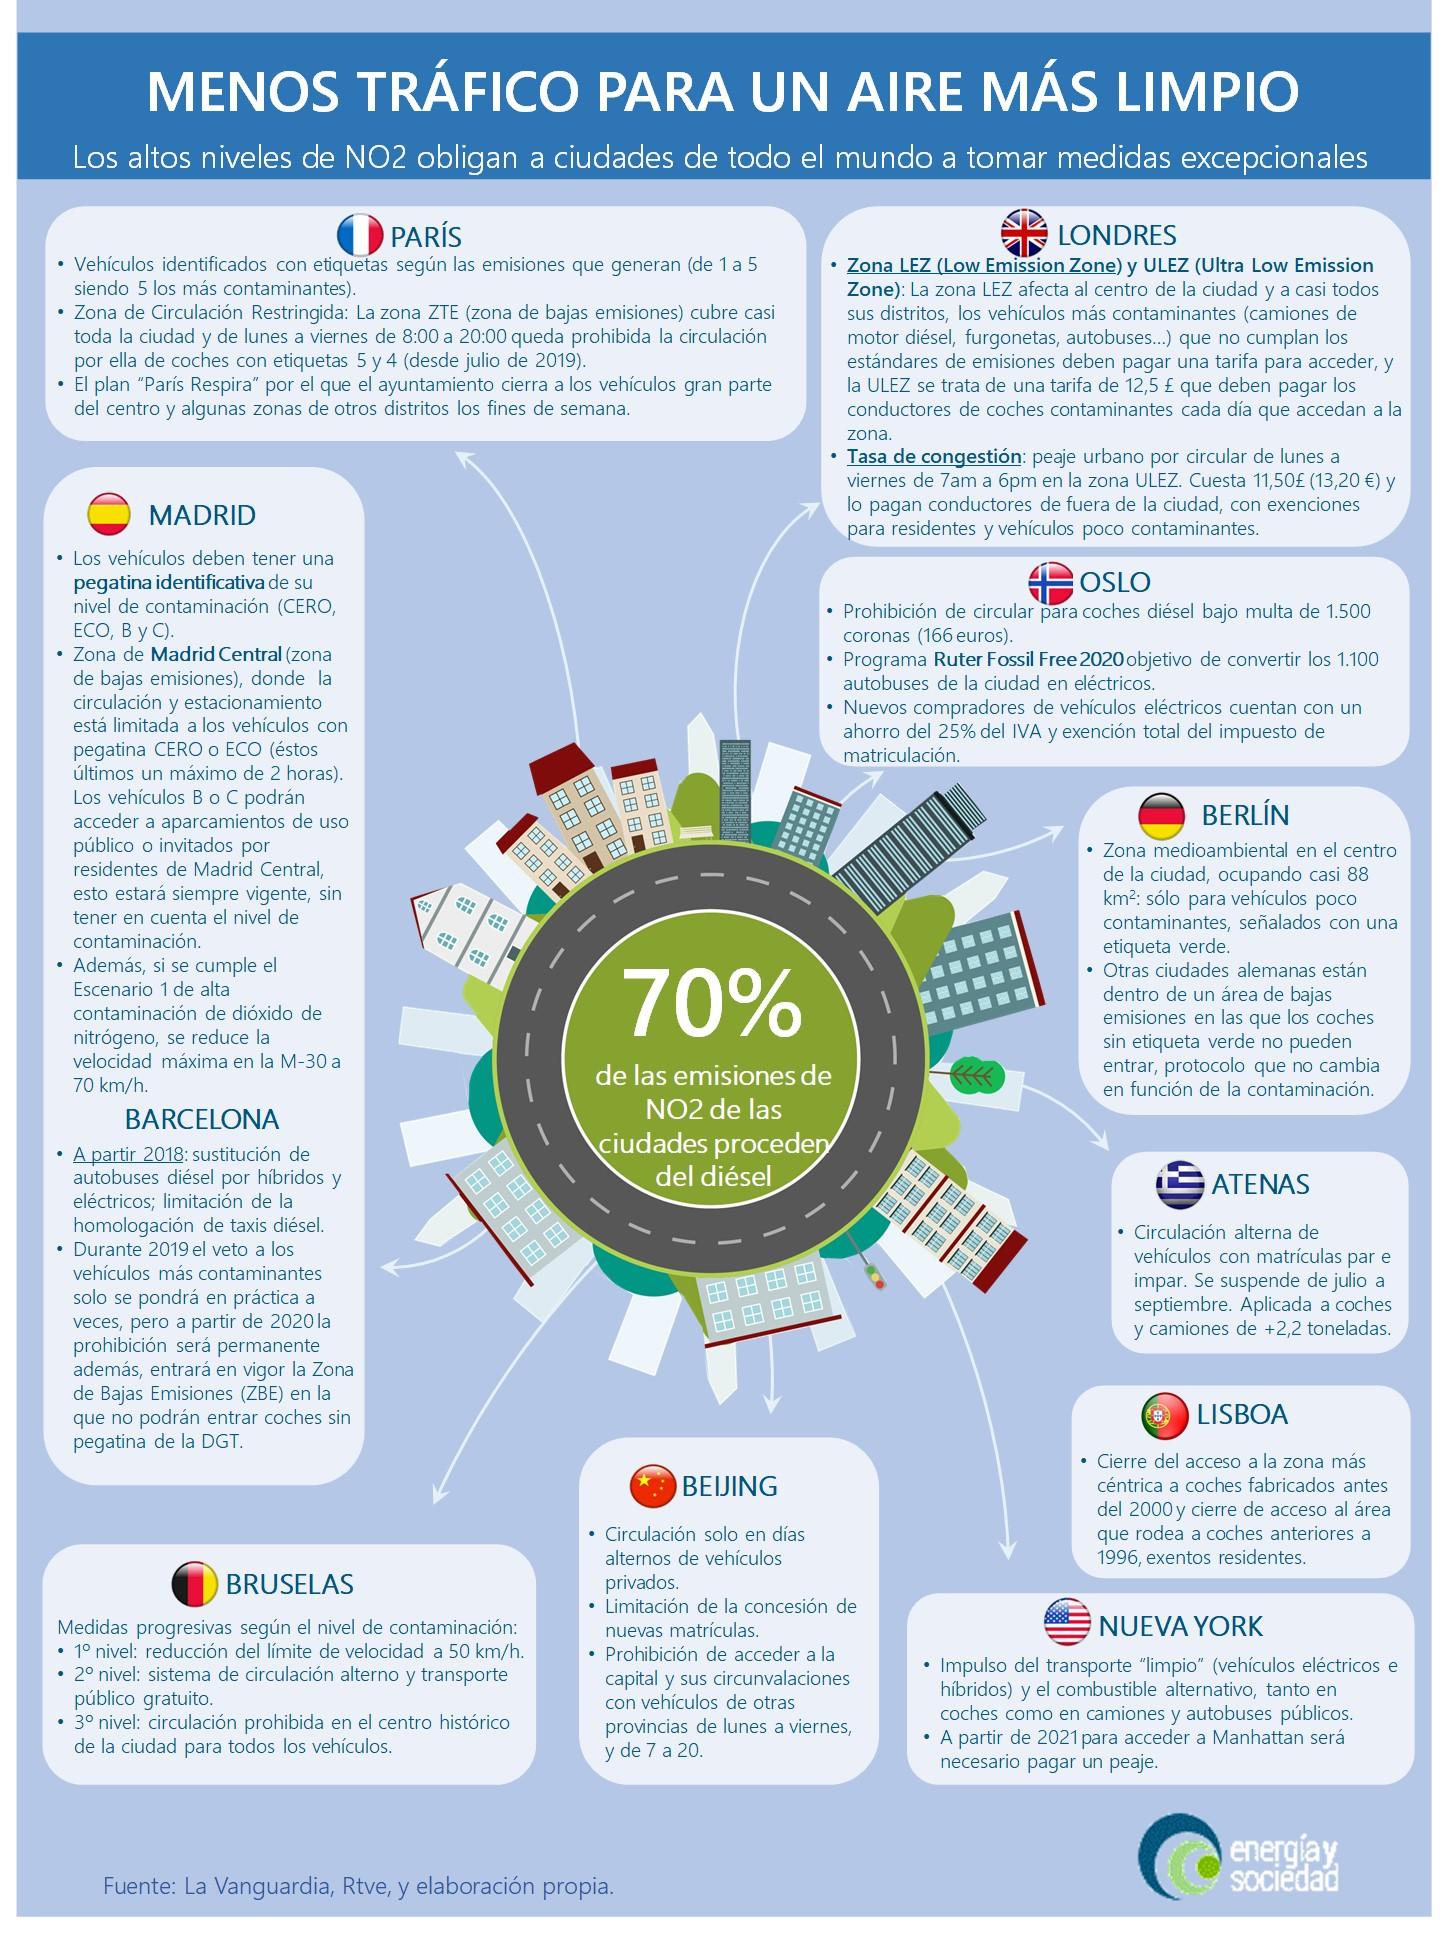 EyS - Infografia Calidad de Aire en las Ciudades